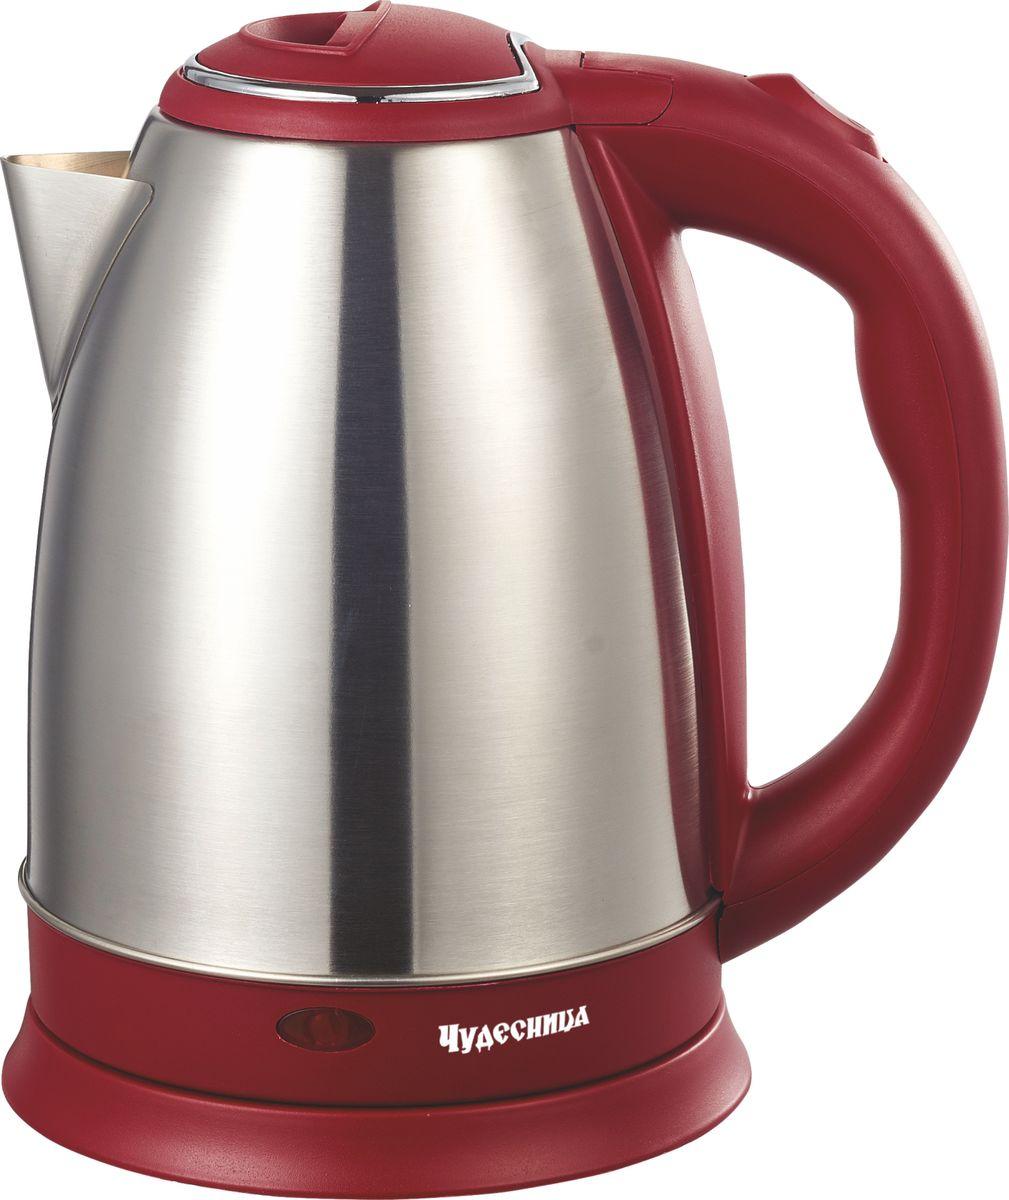 Электрический чайник Чудесница ЭЧ-2019, Red чайник чудесница эч 2004 brown